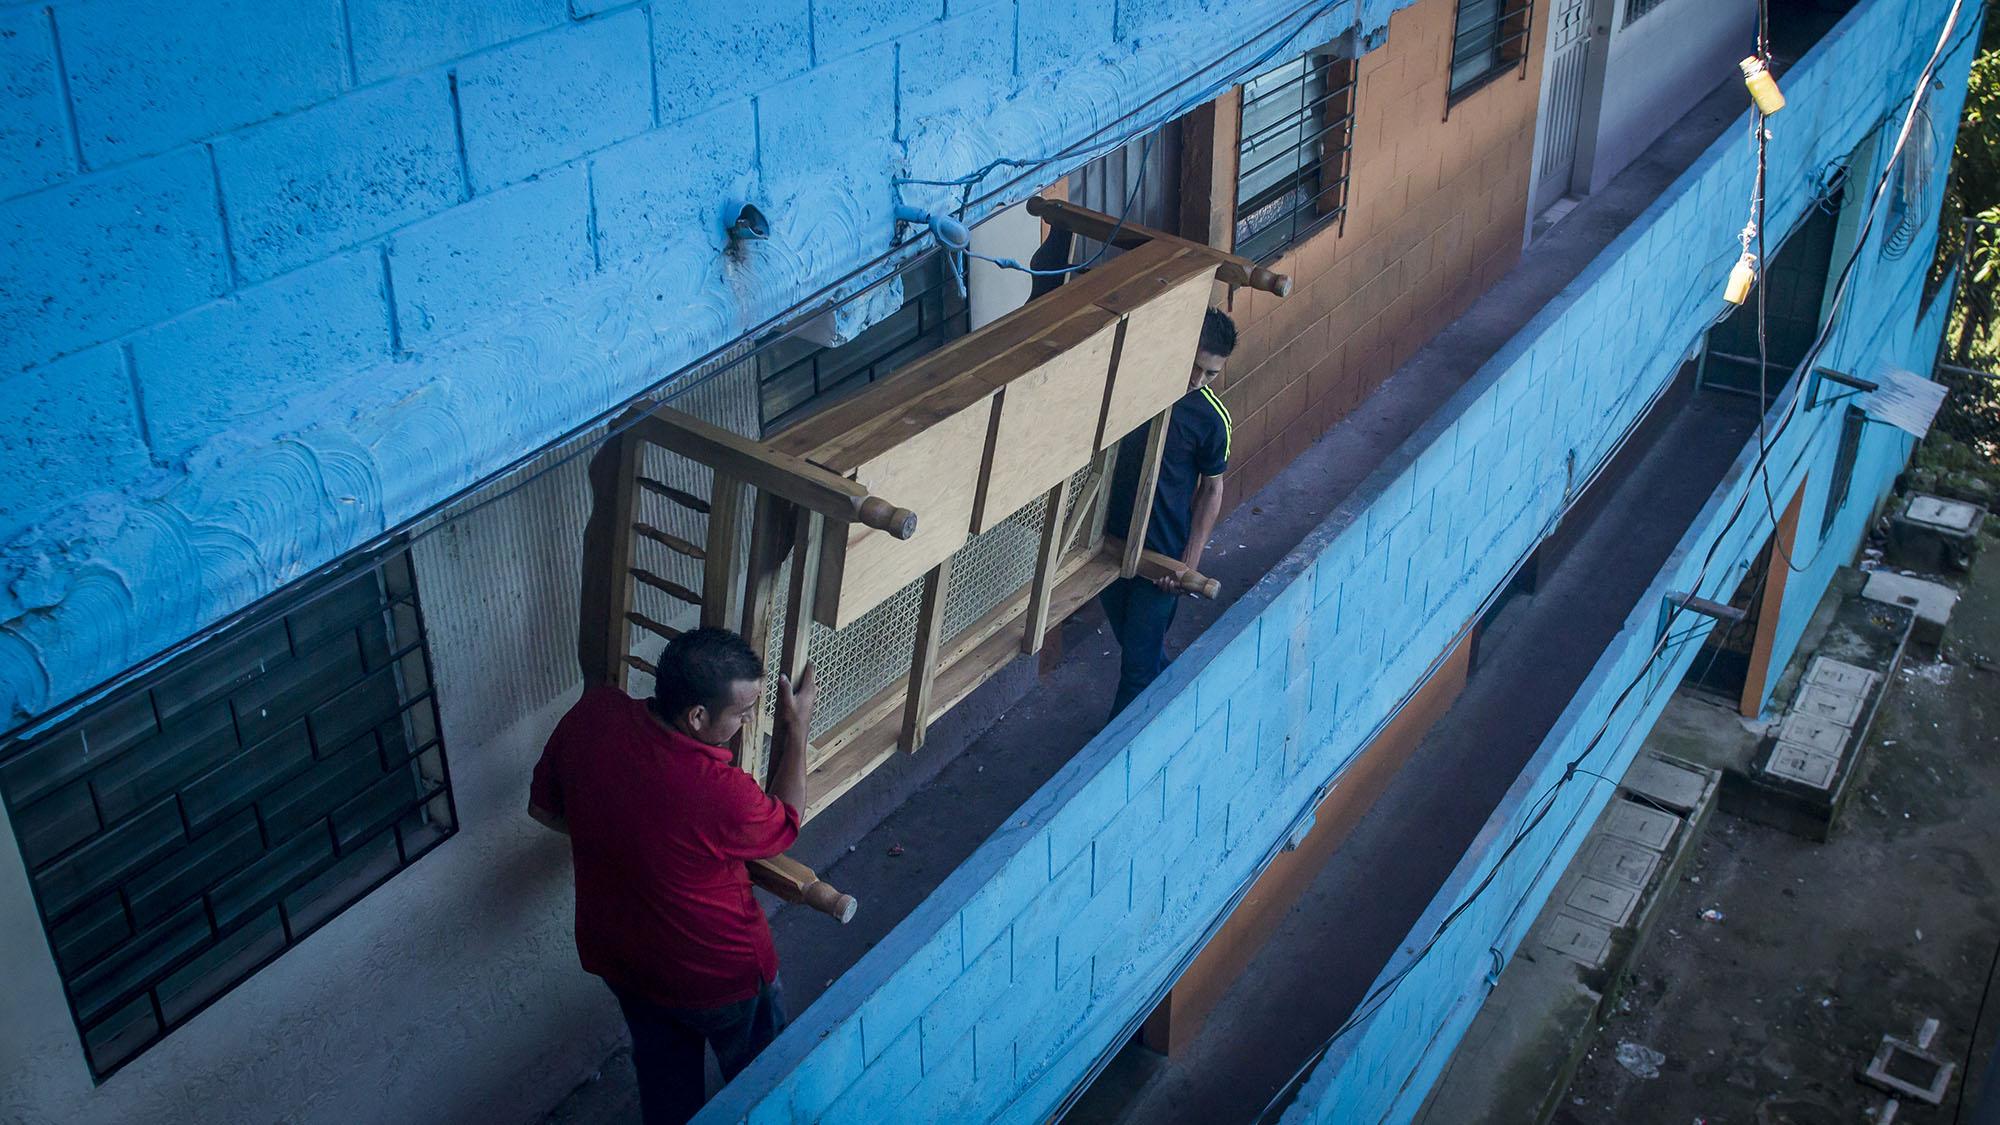 Un informe inédito del Gobierno rechaza (otra vez) el desplazamiento por violencia